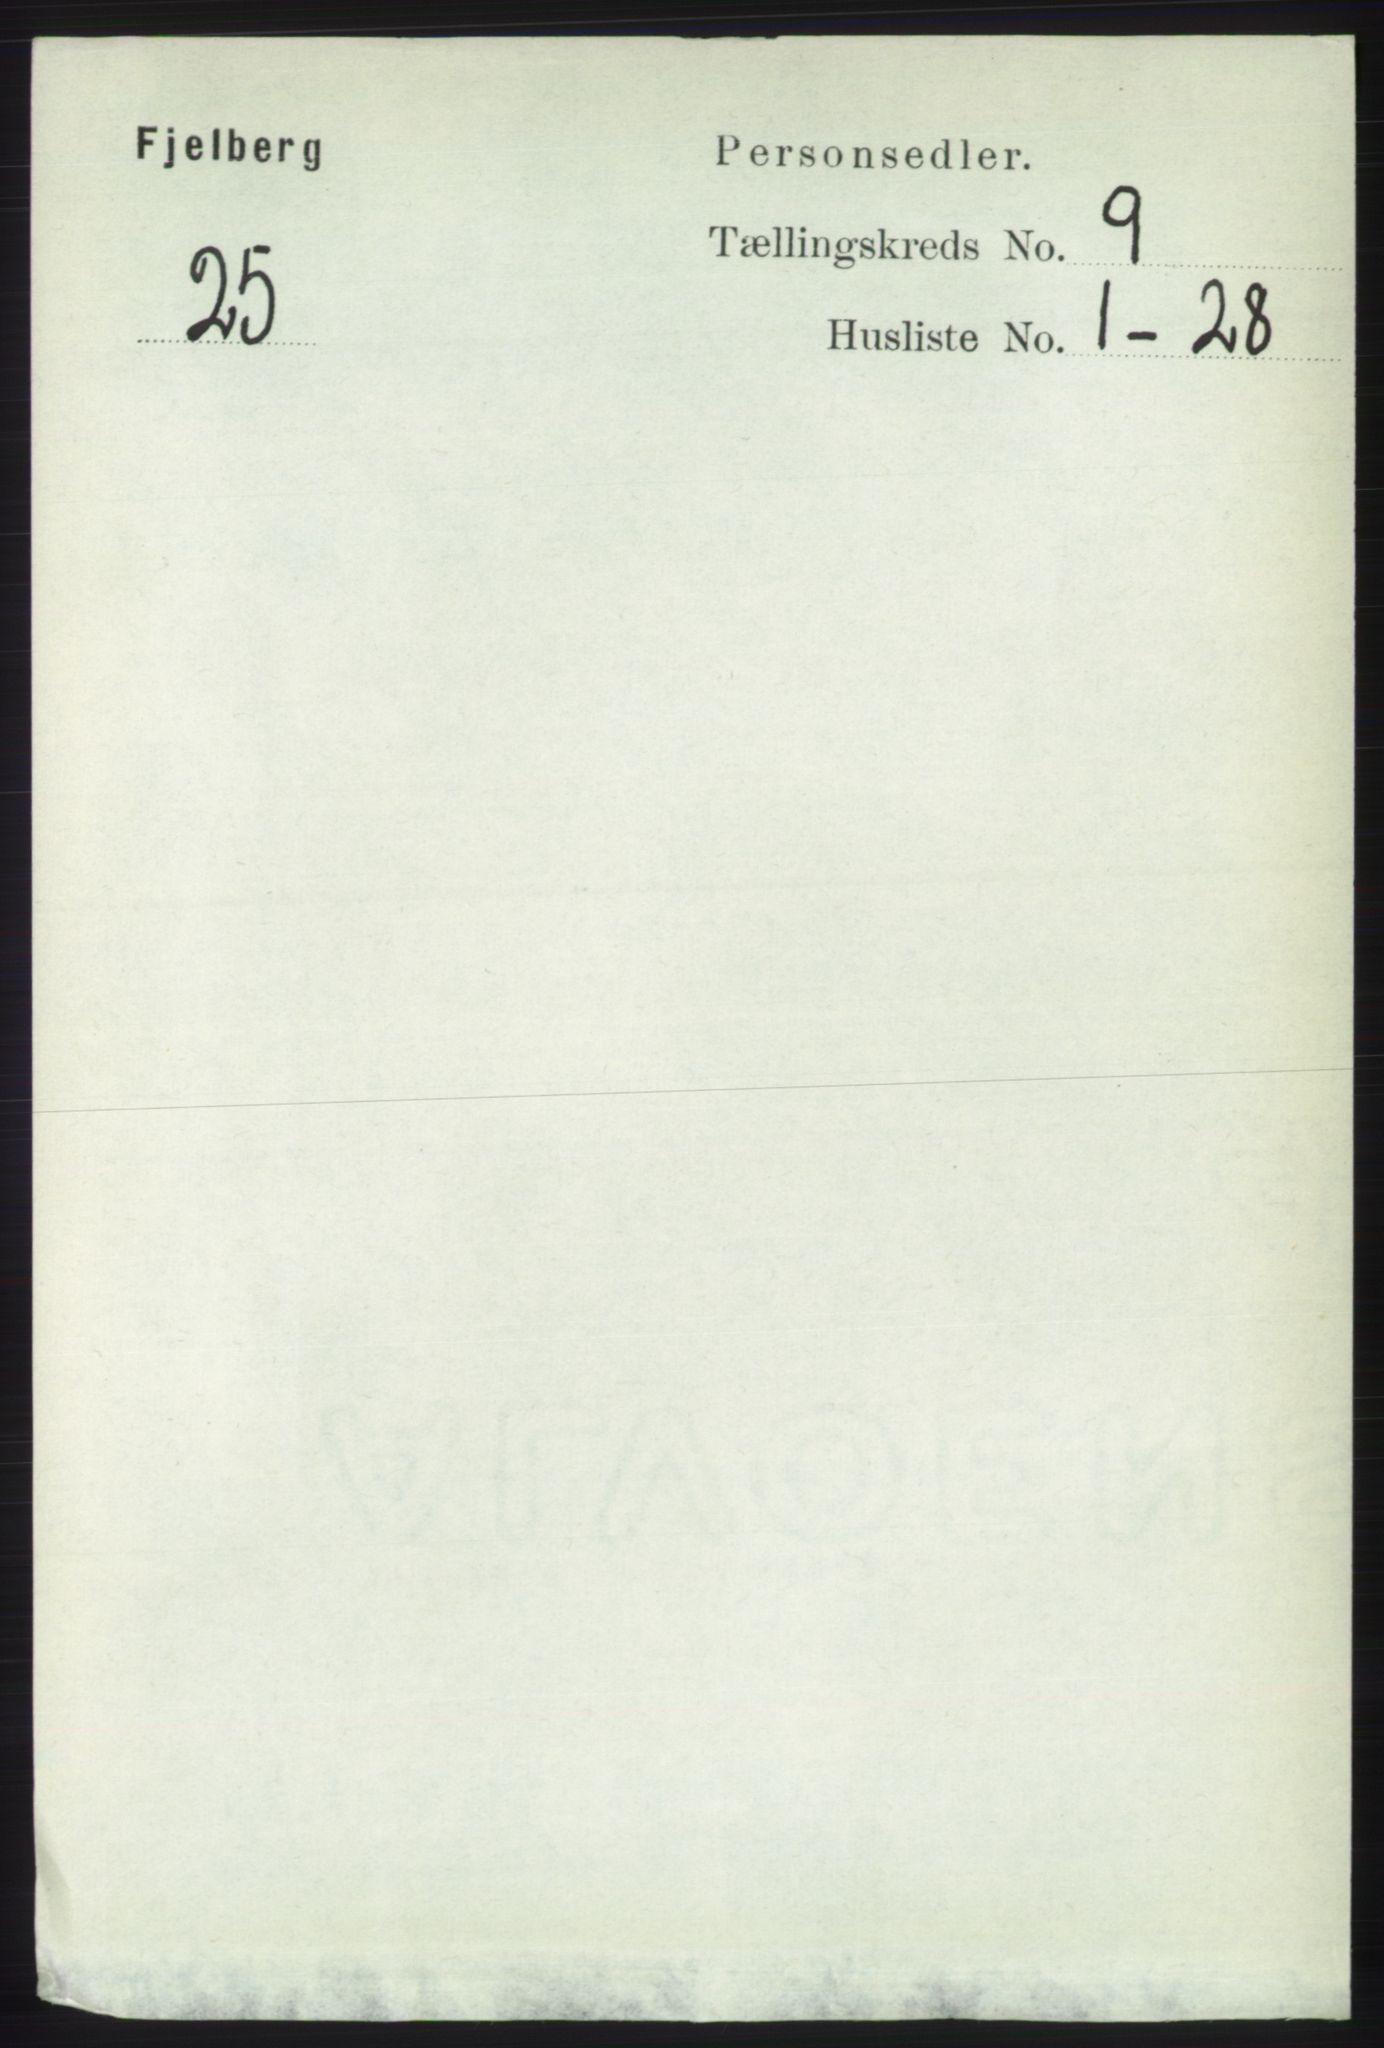 RA, Folketelling 1891 for 1213 Fjelberg herred, 1891, s. 3419